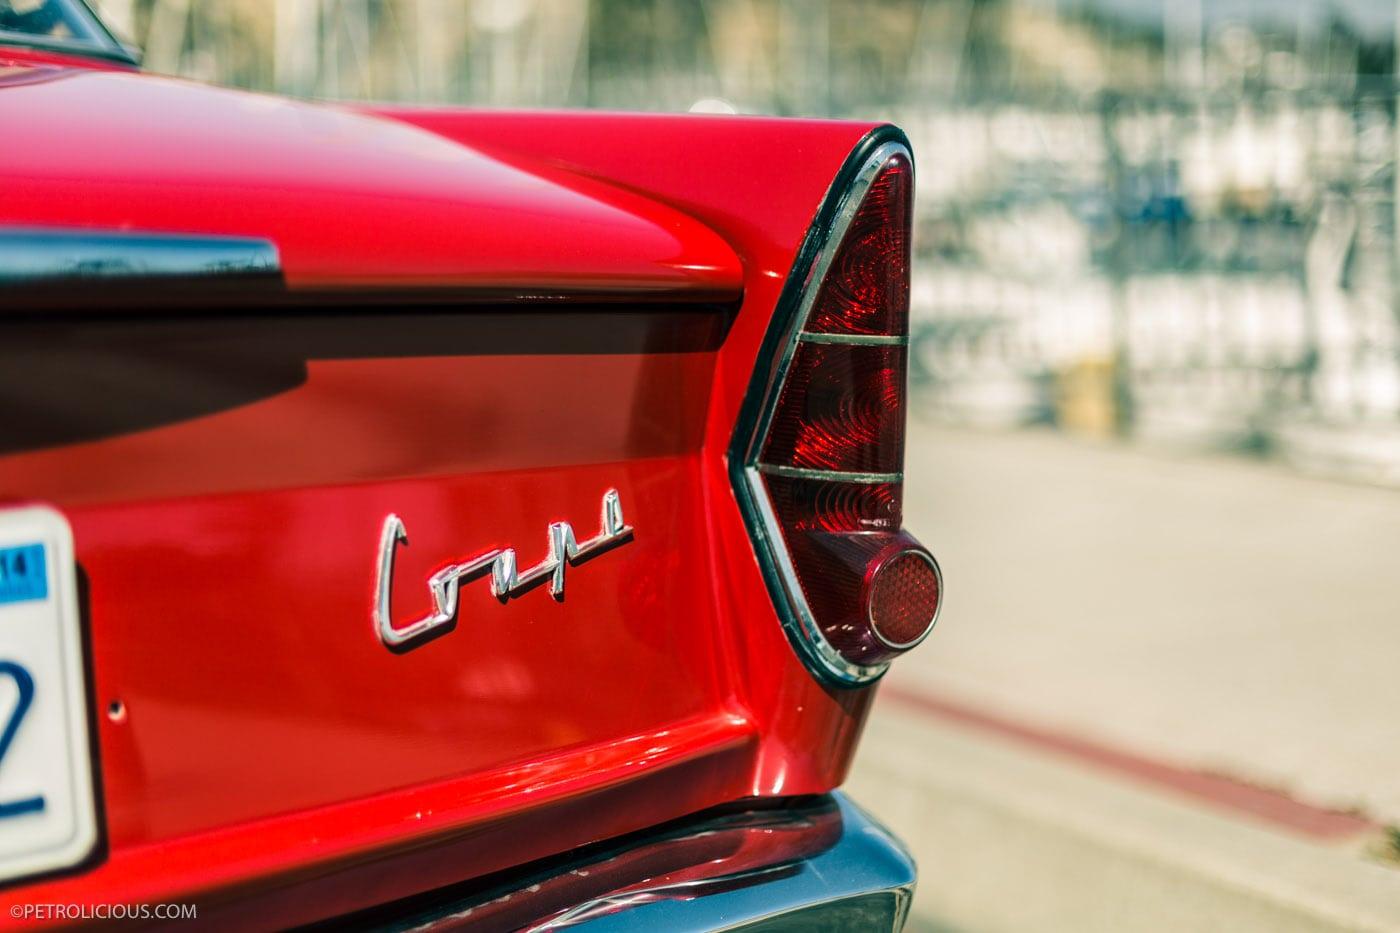 BMW 700. Это компактная заднемоторная машина, выпускавшаяся с августа 1959 по сентябрь 1965 года, считается спасшей концерн от банкротства.